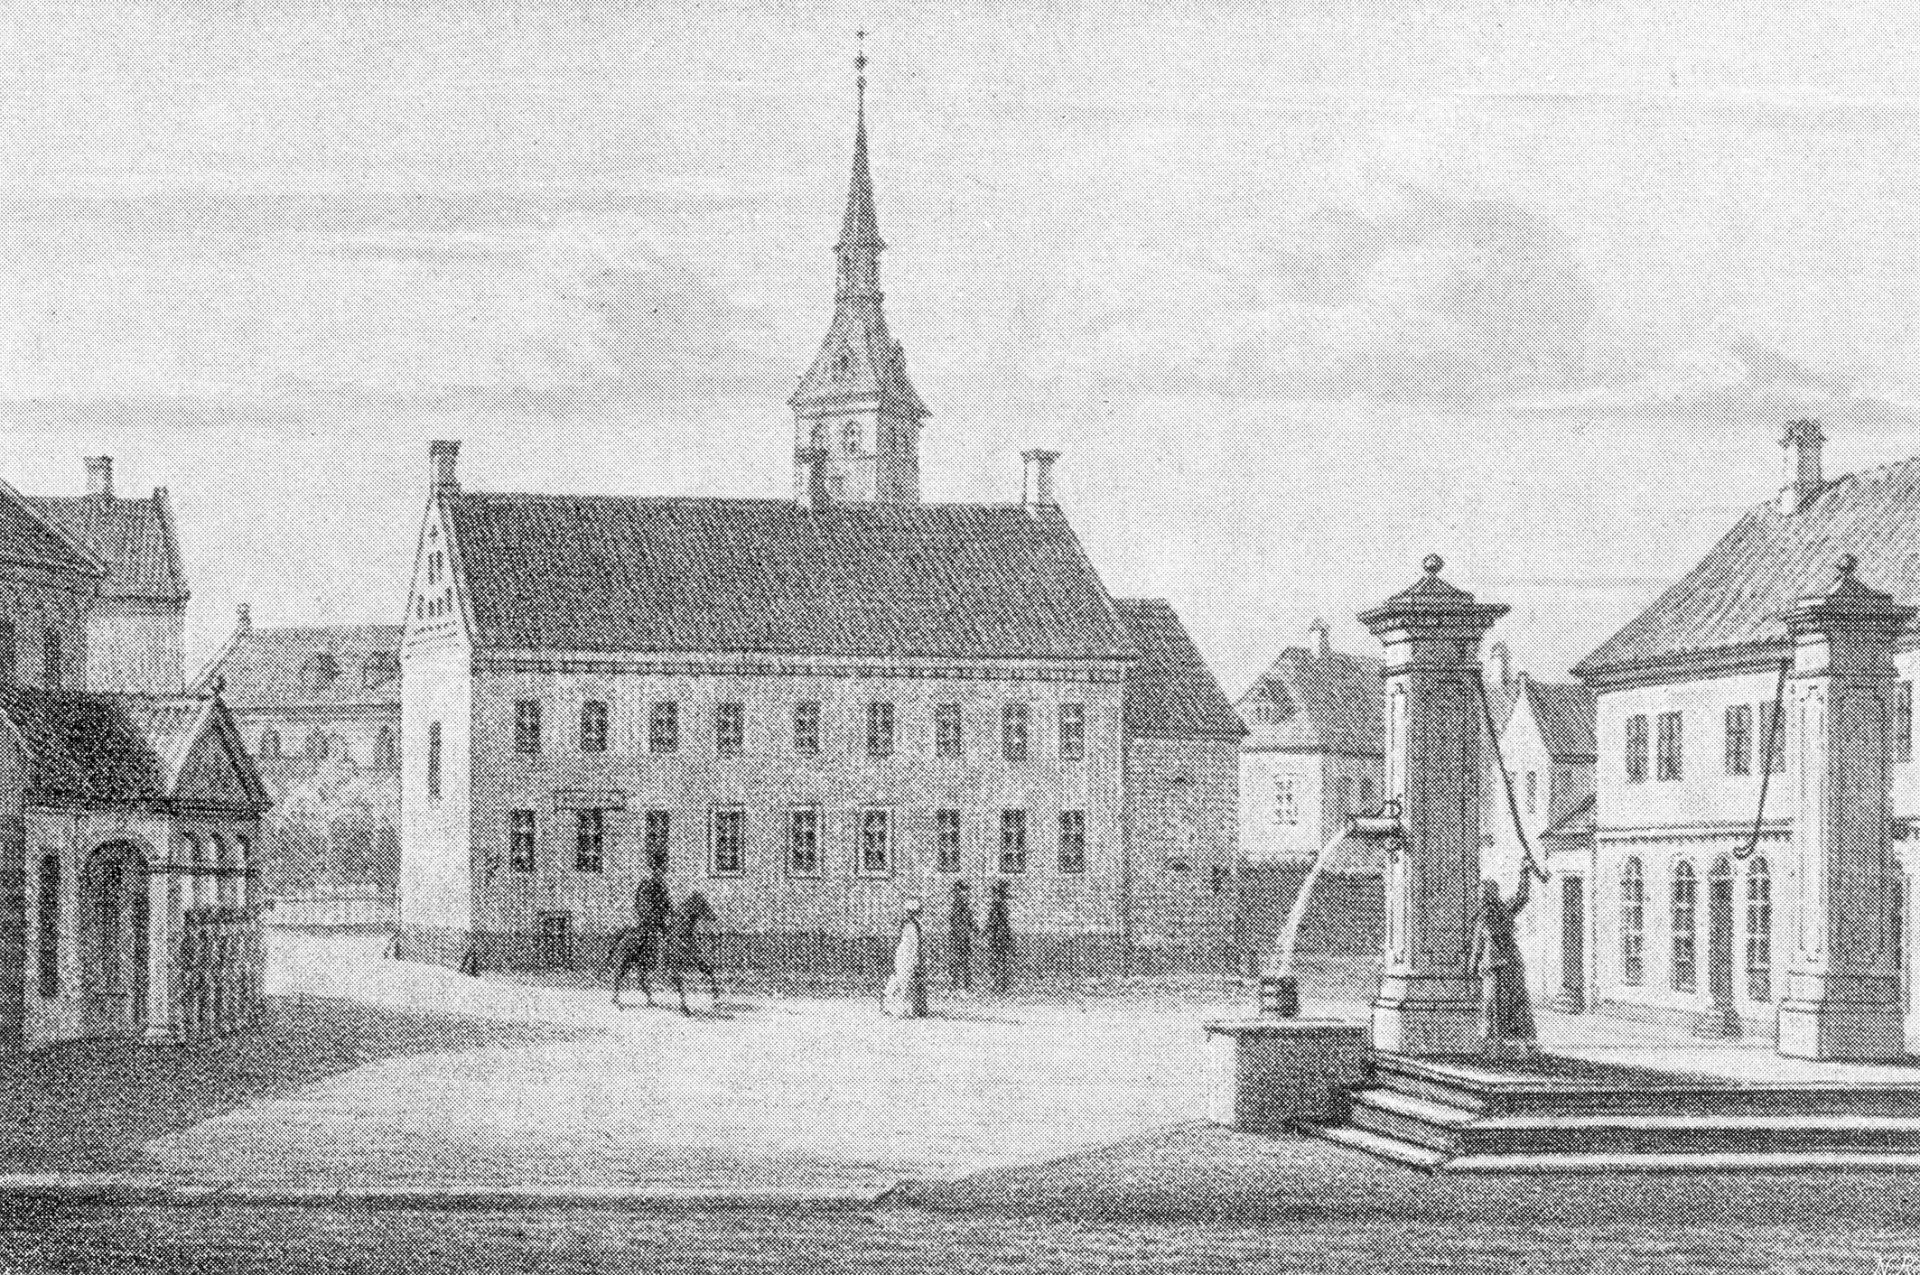 Tegning af Flakhaven set mod sydøst ca. 1840. Til venstre hovedvagten på det gamle rådhus. I midten den gamle latinskole bygget af biskop Jens Andersen Beldenak, og bag skolen ses domkirken. Til højre i forgrunden to pumper til bybrønden.